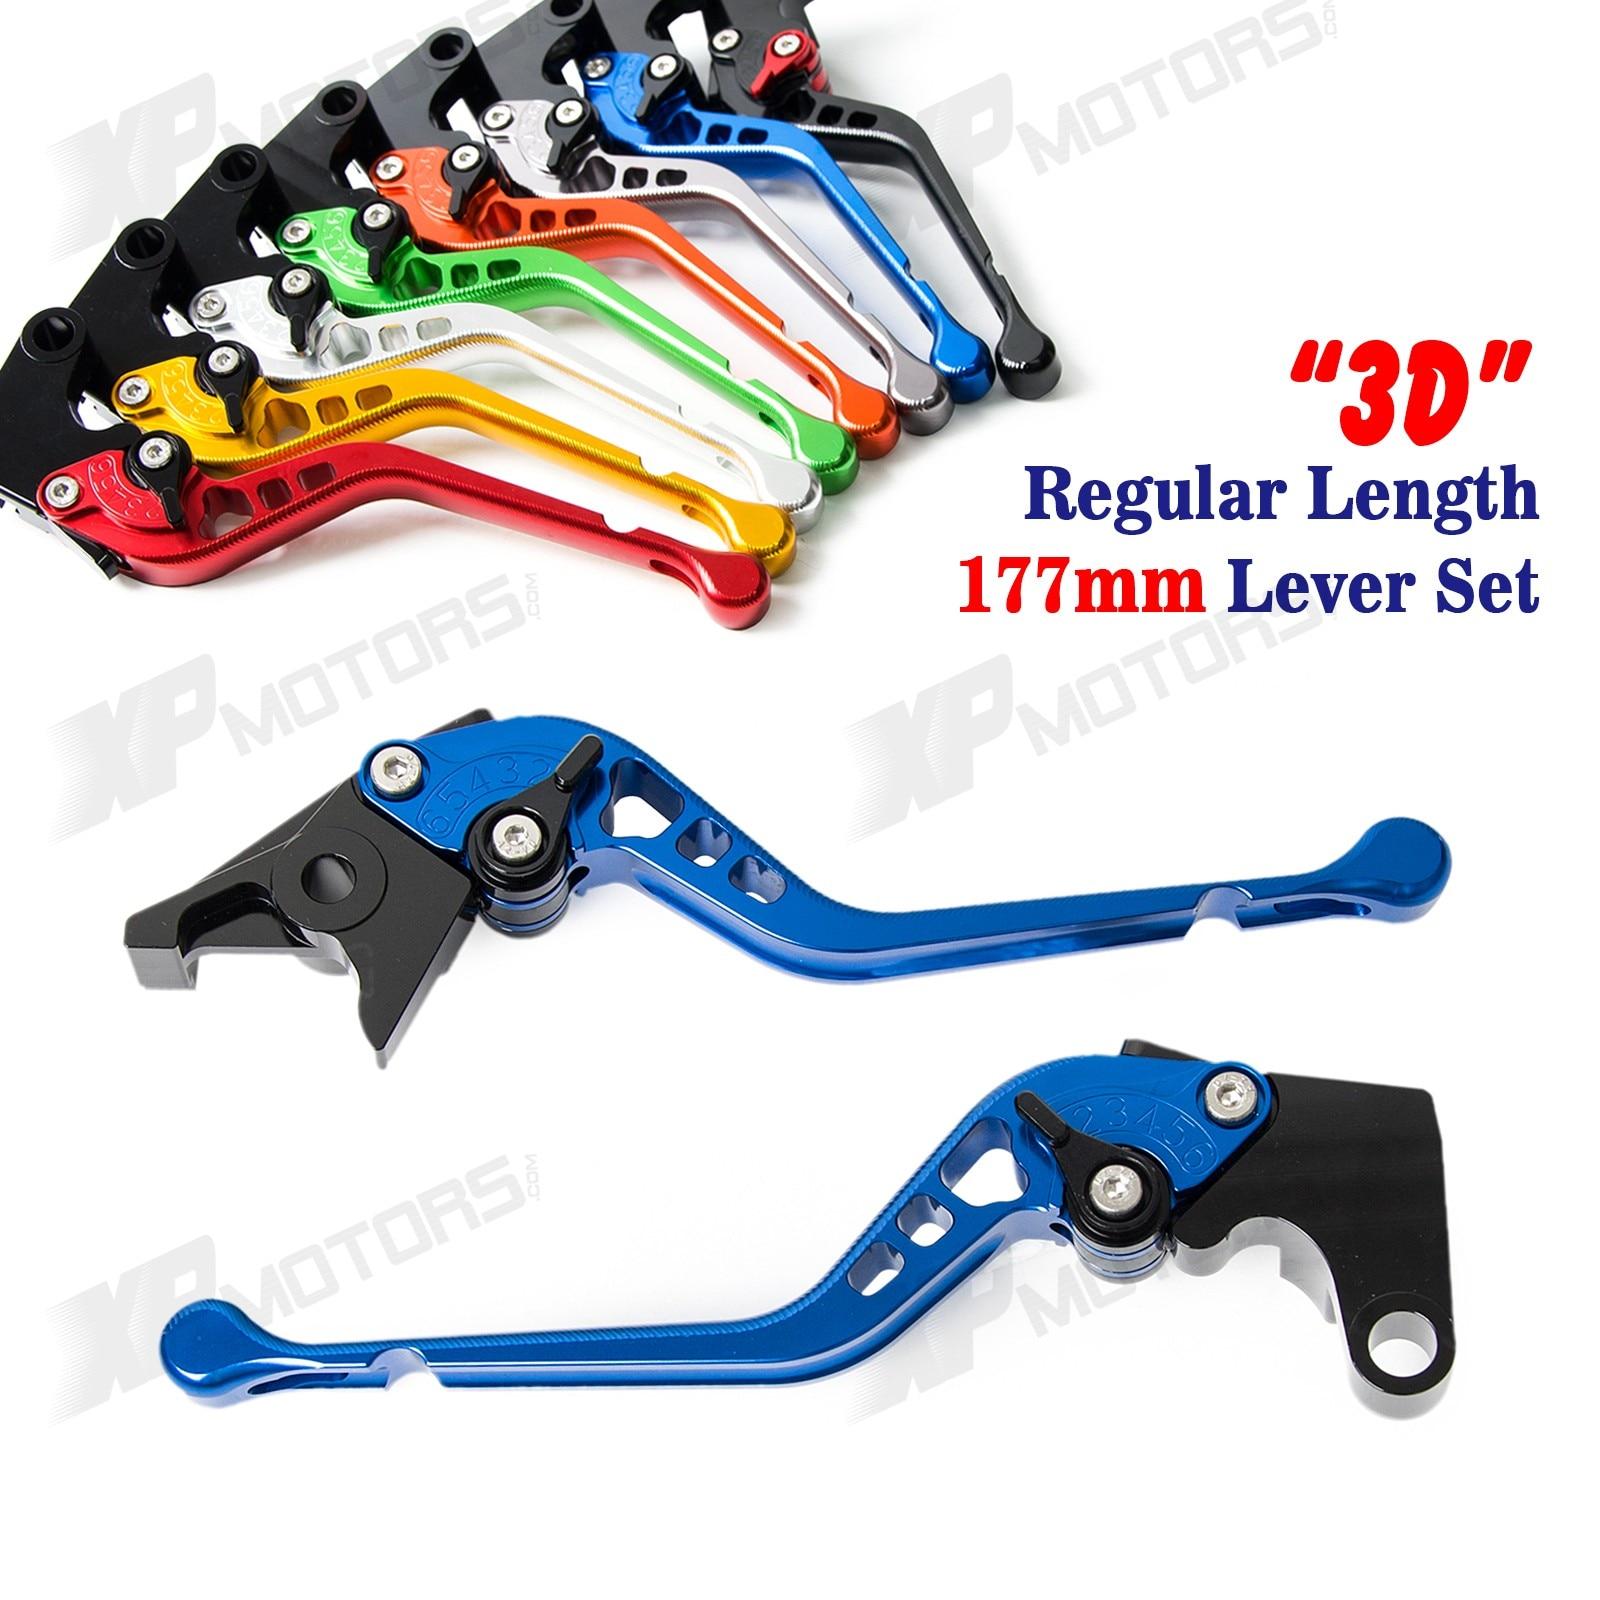 CNC 3D Long Brake Clutch Levers for Yamaha FZ1 Fazer 06 2007 2008 2009 2010 2011 2012 2013<br><br>Aliexpress